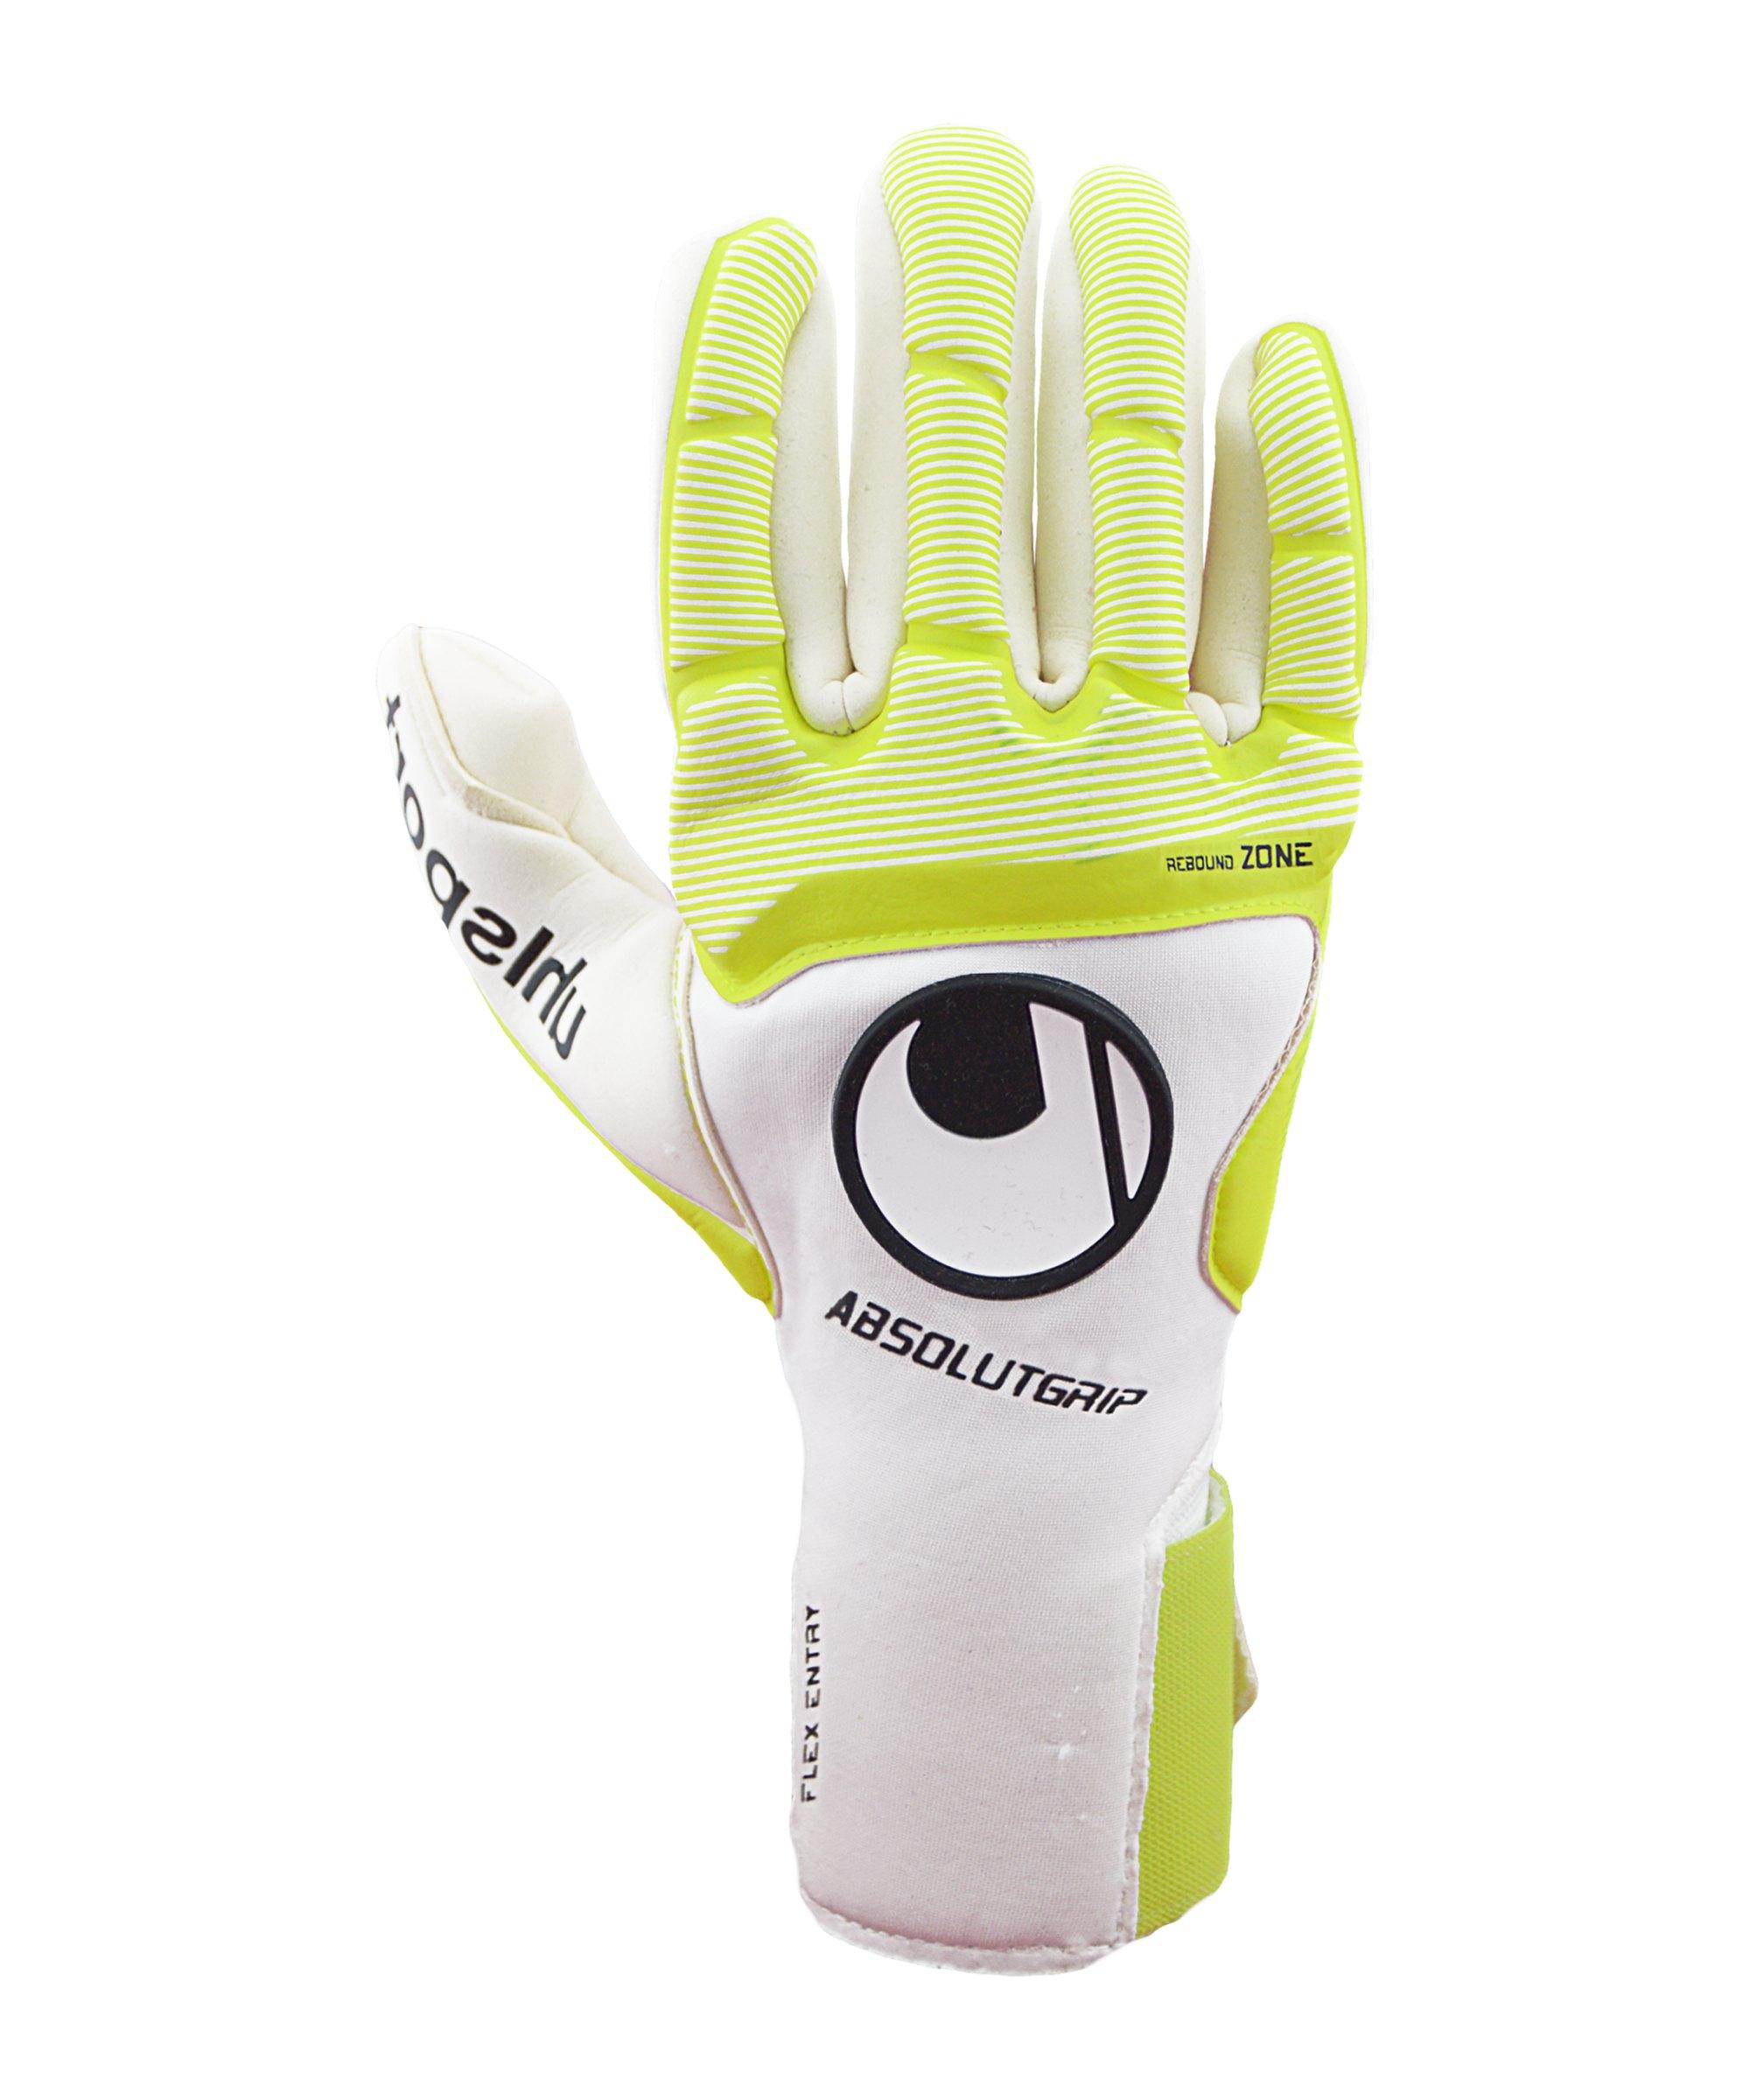 Uhlsport Pure Alliance Absolutgrip SU TW-Handschuh F01 - weiss